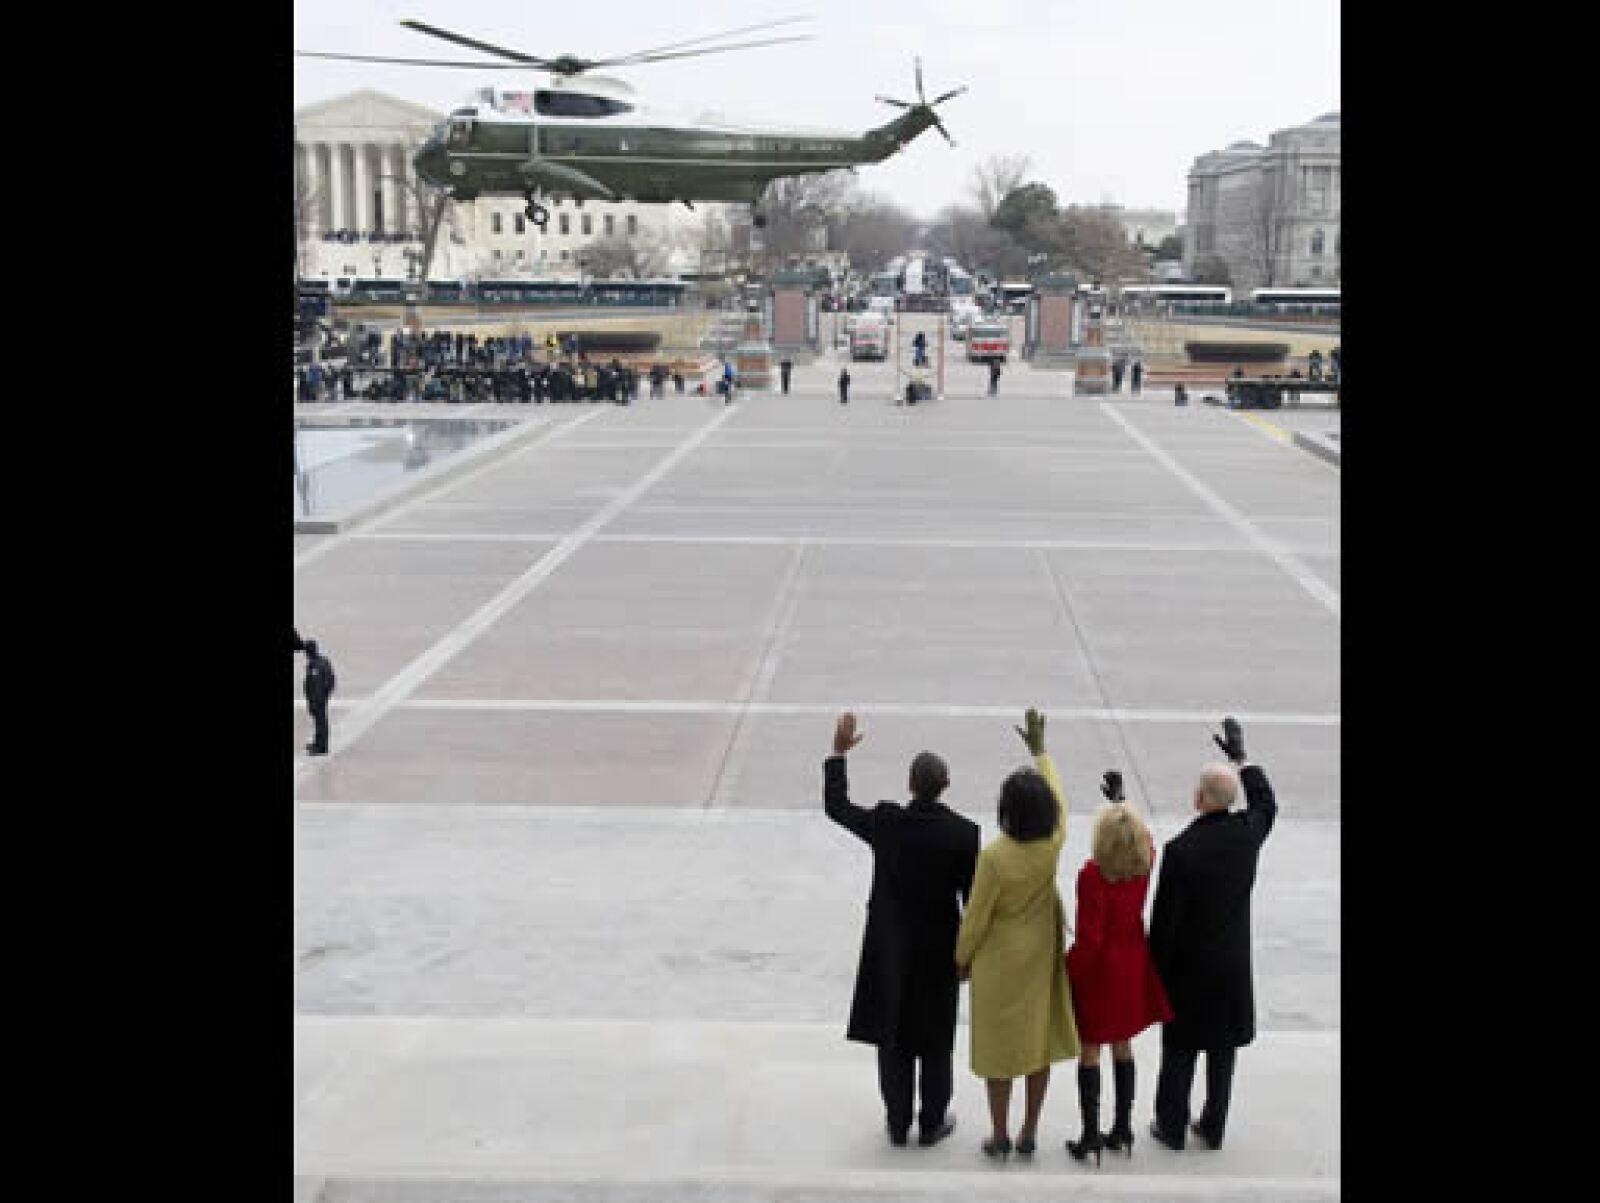 El presidente Barack Obama y el vicepresidente Joe Biden, junto con sus esposas Michelle y Jill, despiden el helicóptero en que George W. Bush y su esposa Laura dejaron el Capitolio.